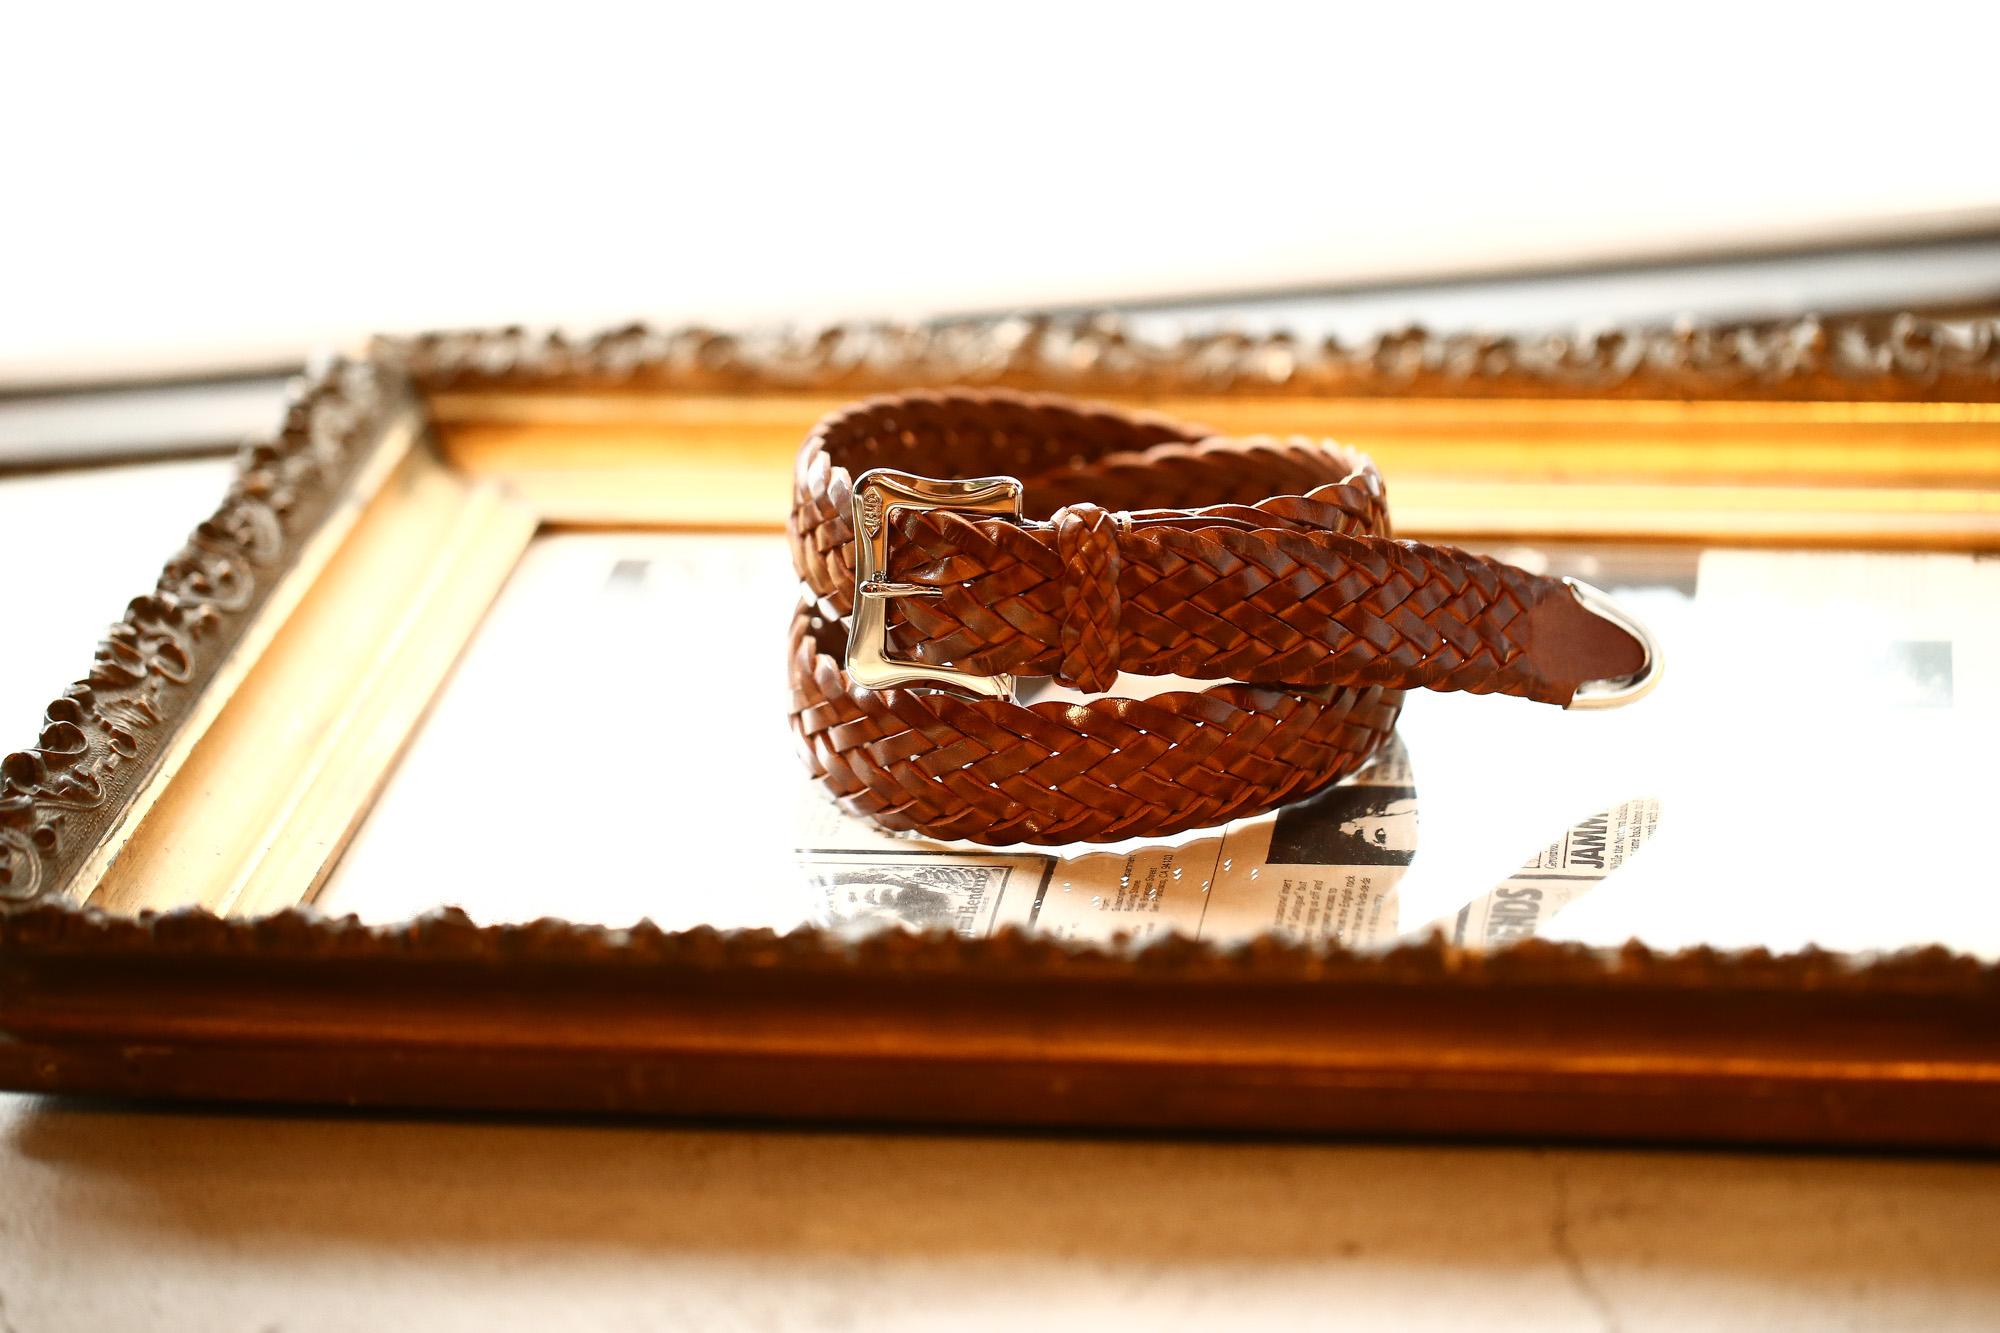 J&M DAVIDSON (ジェイアンドエムデヴィッドソン) ENVELOPE BUCKLE TIP END PLAITED BELT 30MM (エンベロープバックルチップエンドプレーテッドベルト 30mm) 1364 CALF LEATHER (カーフレザー) プンターレ メッシュベルト TAN (タン・290) Made in italy (イタリア製) 愛知 名古屋 Alto e Diritto アルト エ デリット jmdavidson ジェイエムデヴィッドソン ベルト メッシュ